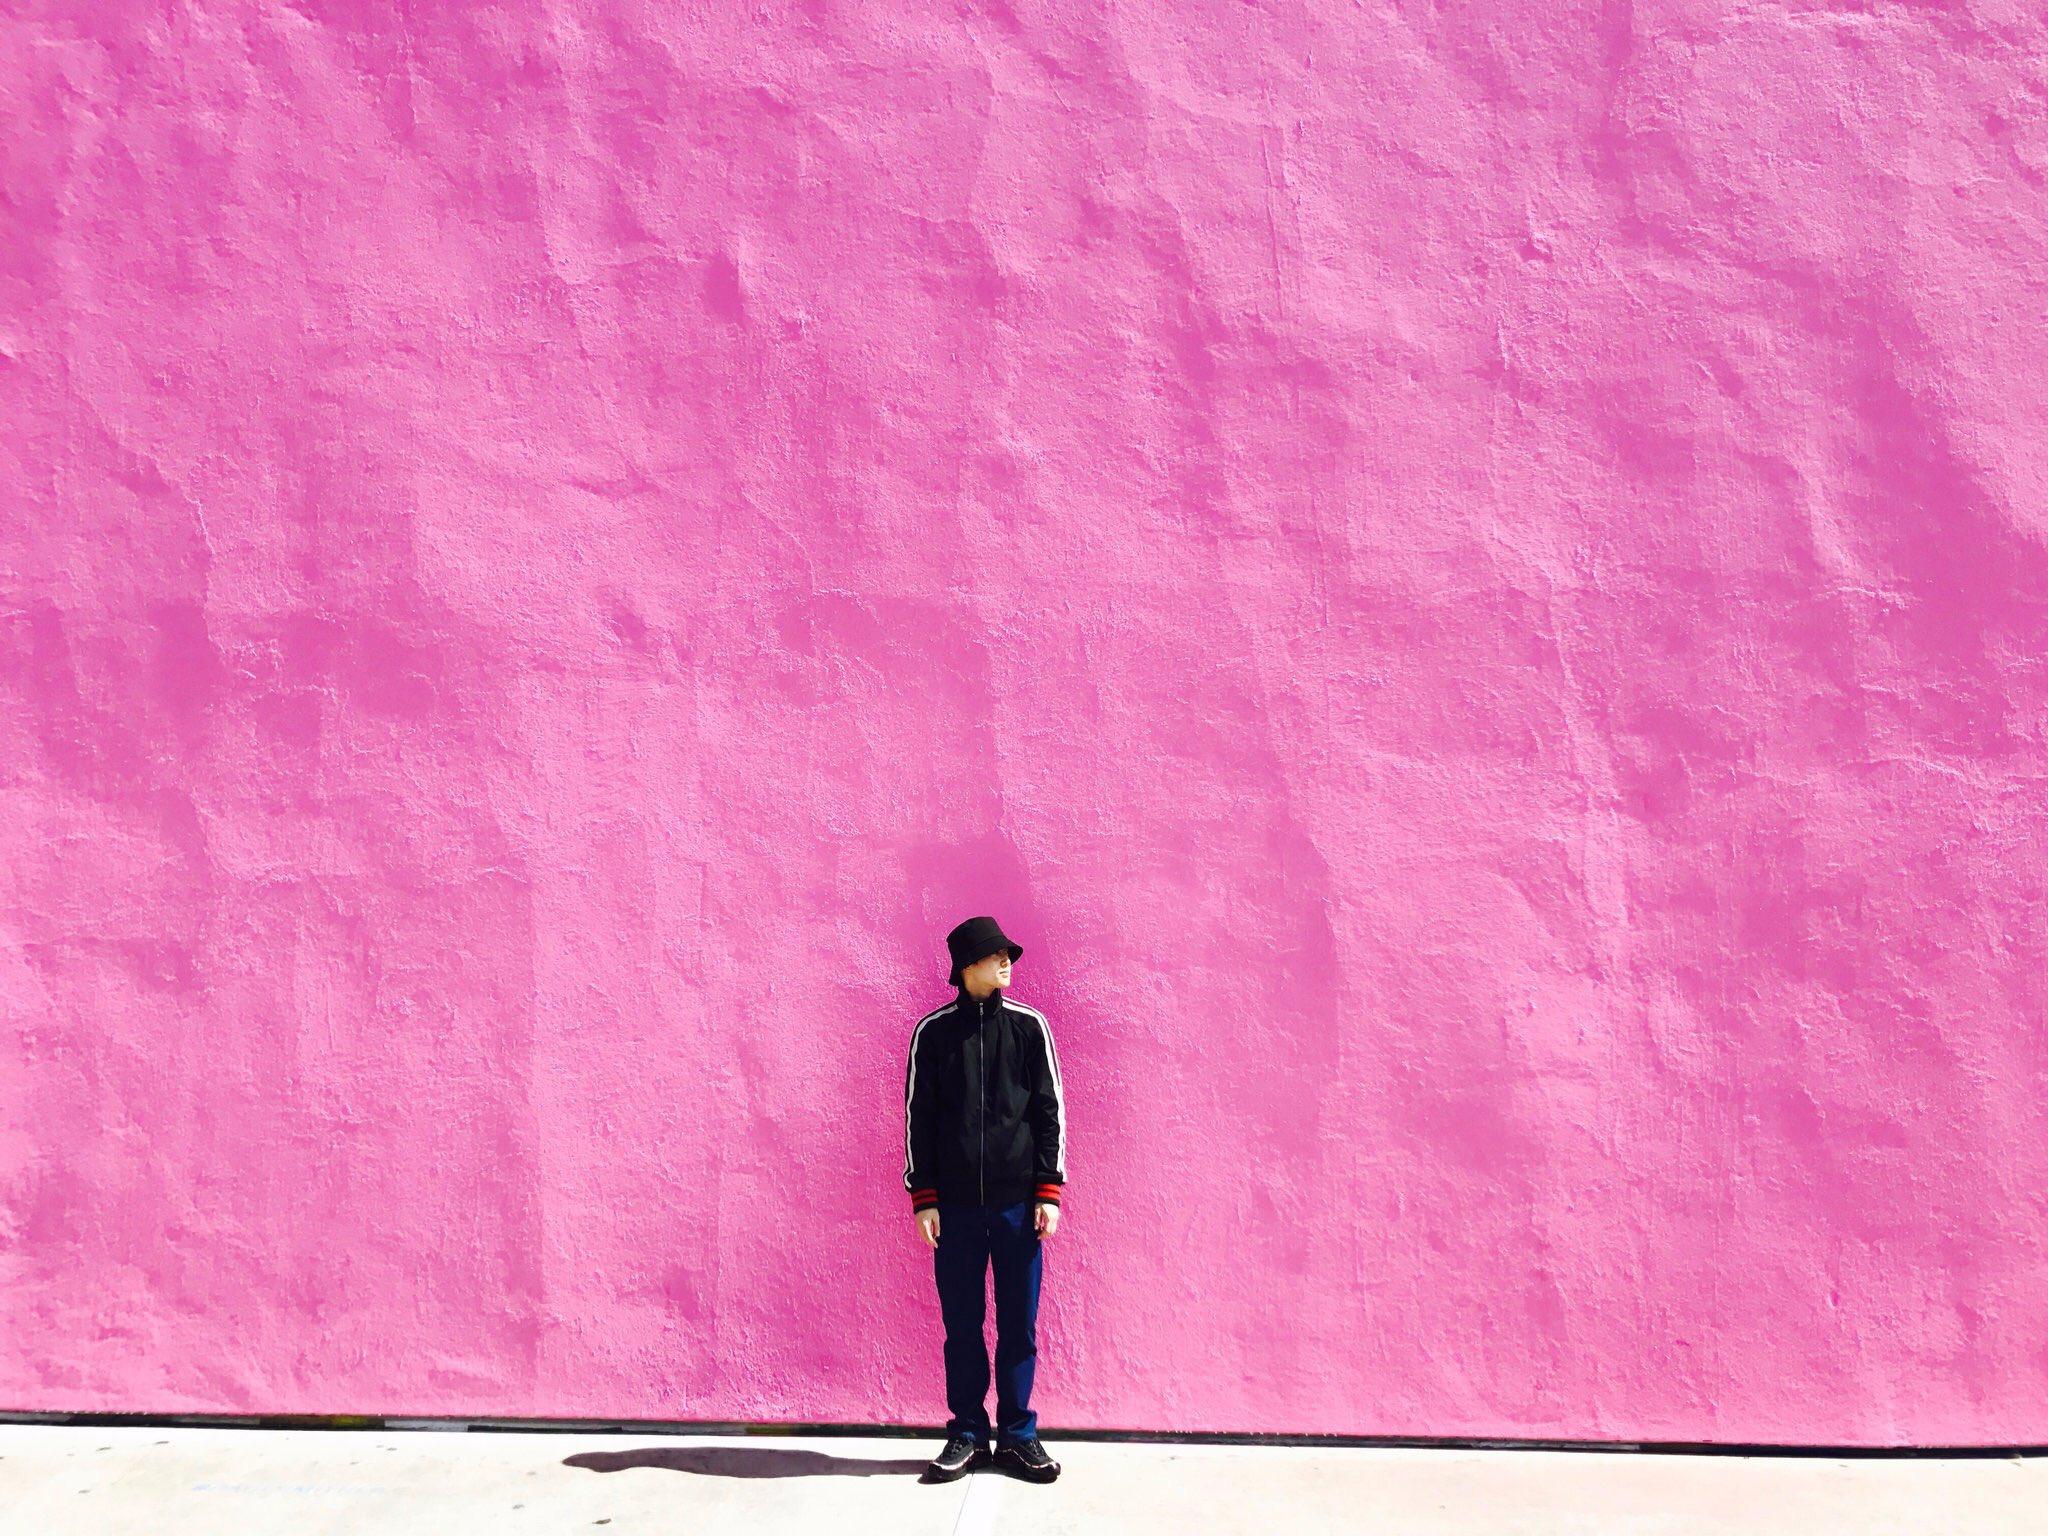 EXO队长SUHO【就是这么会拍】讲究配色的拍摄水准超给力!随意拍一拍,每张都是画报!